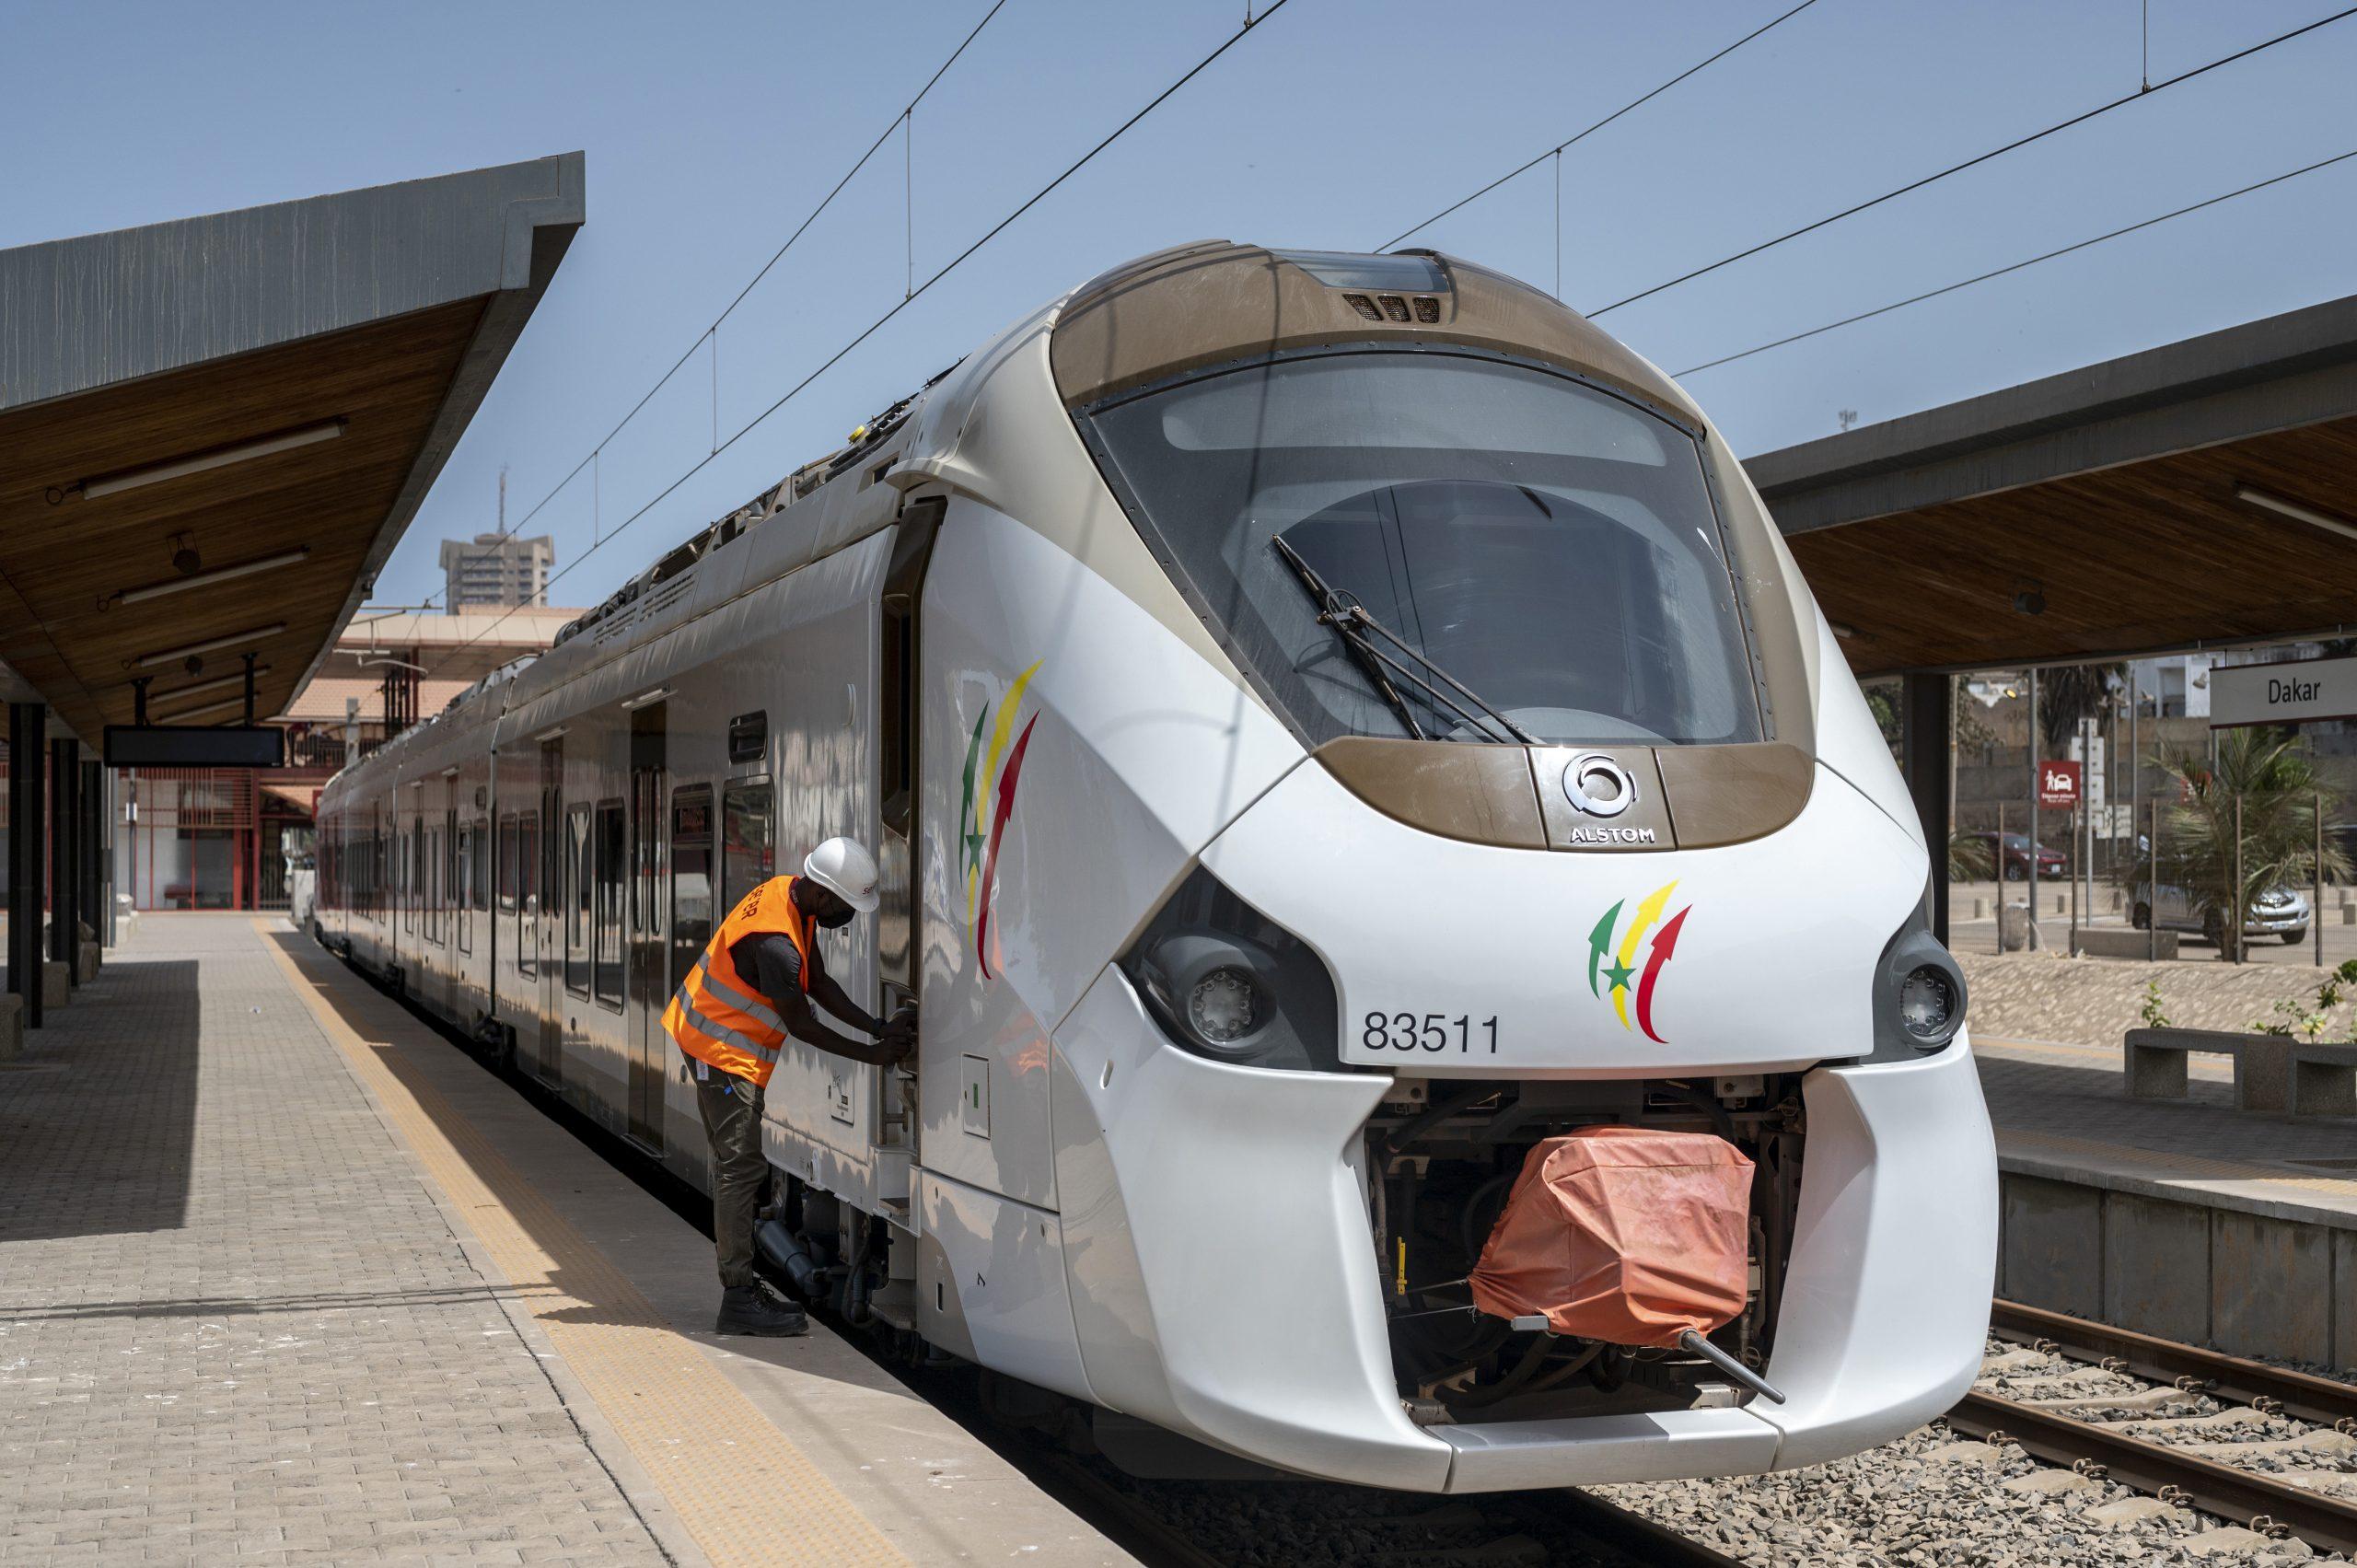 La gare de TER de Dakar est encore en phase d'essai. La mise en circulation est prévue entre la fin décembre 2021 et début d'année 2022.